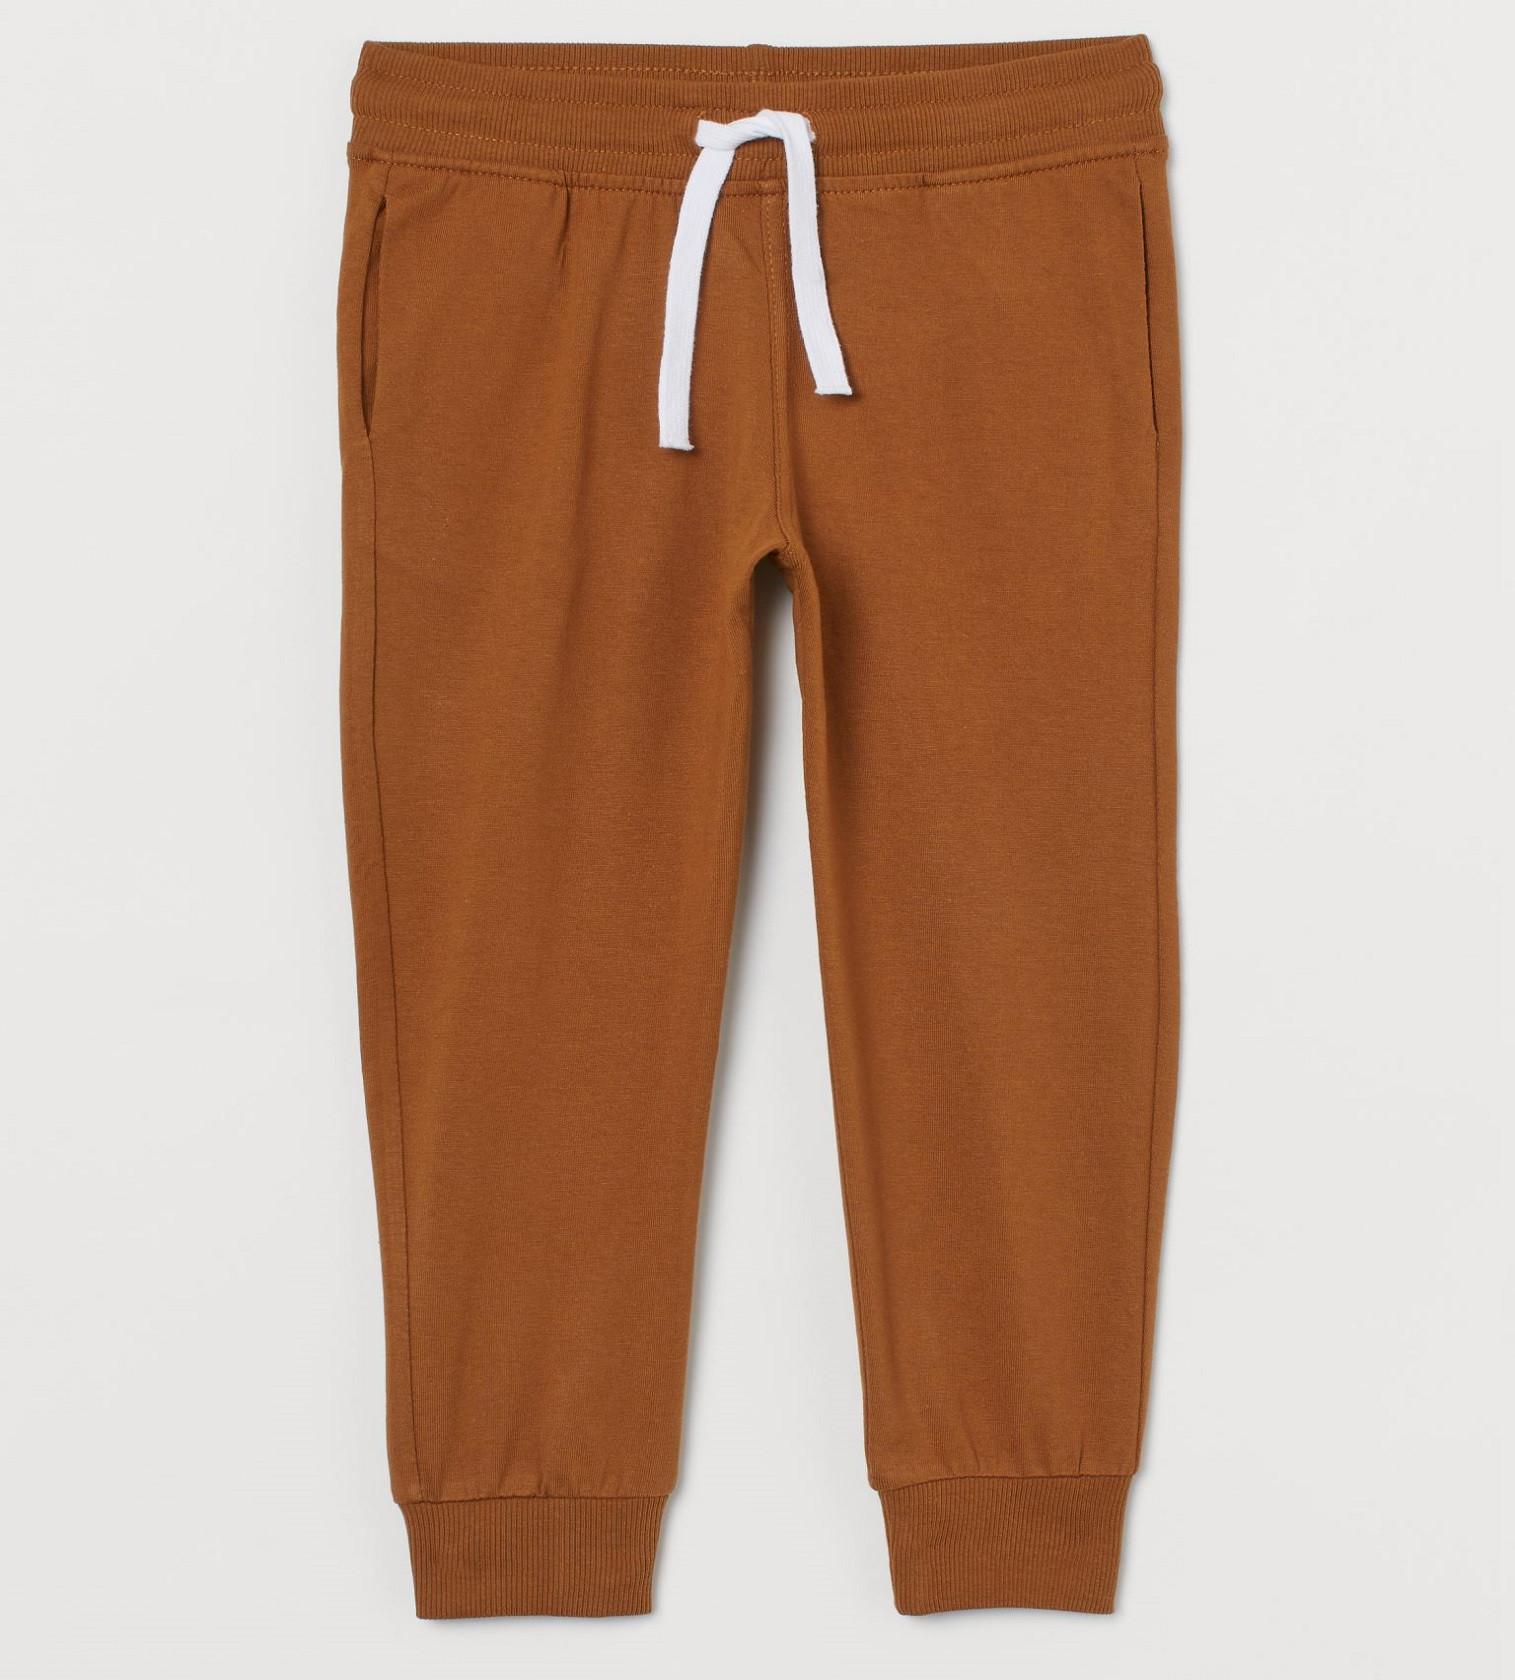 Купити Штани Тонкі Jersey joggers H&M Brown - фото 1